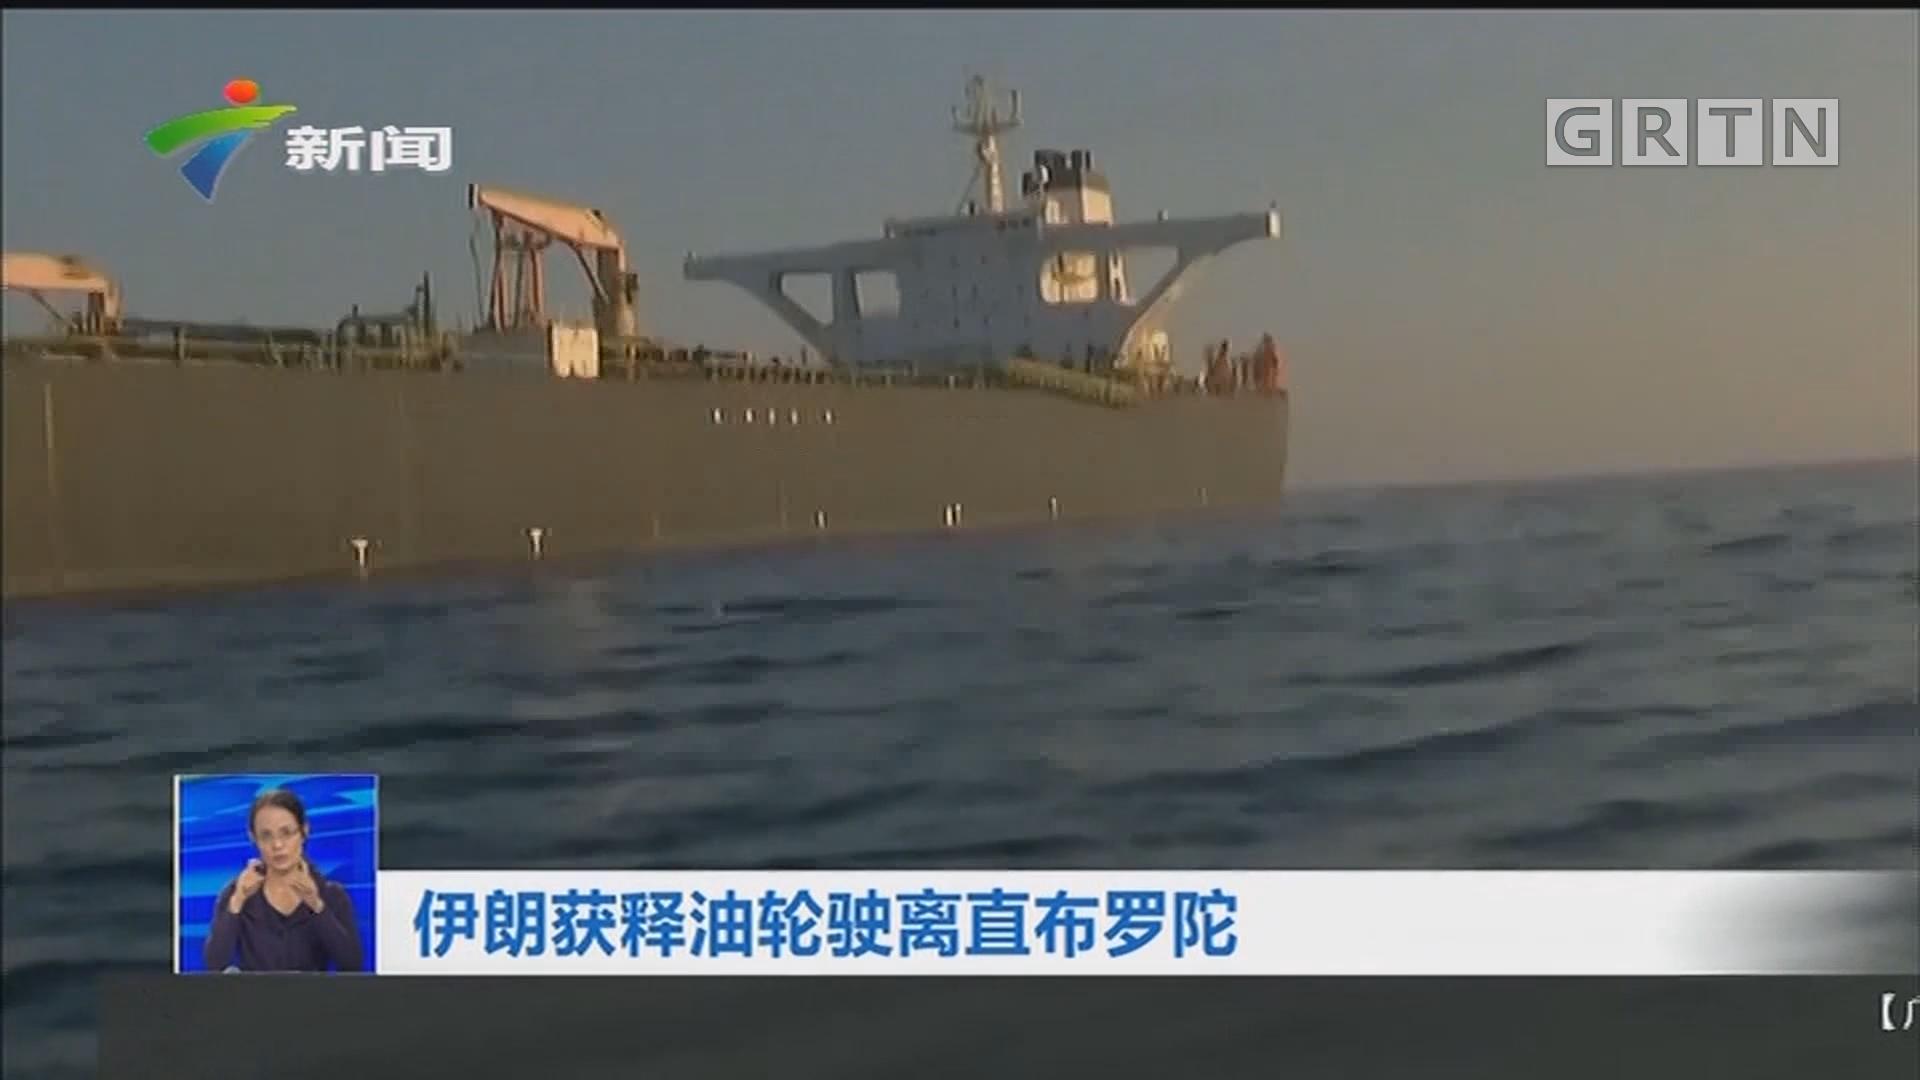 伊朗获释油轮驶离直布罗陀